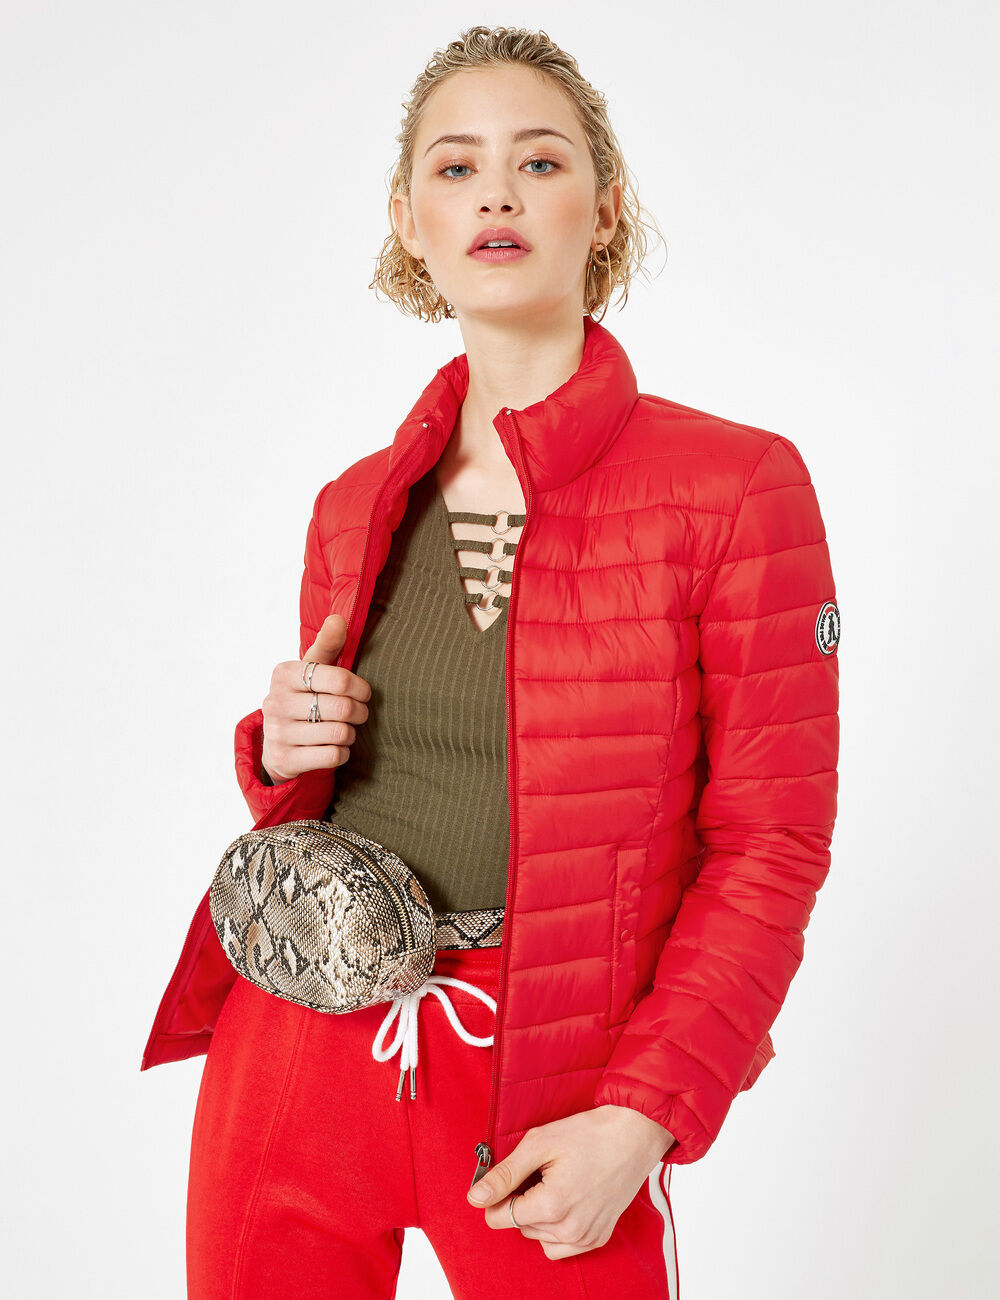 Veste adidas femme rose fluo